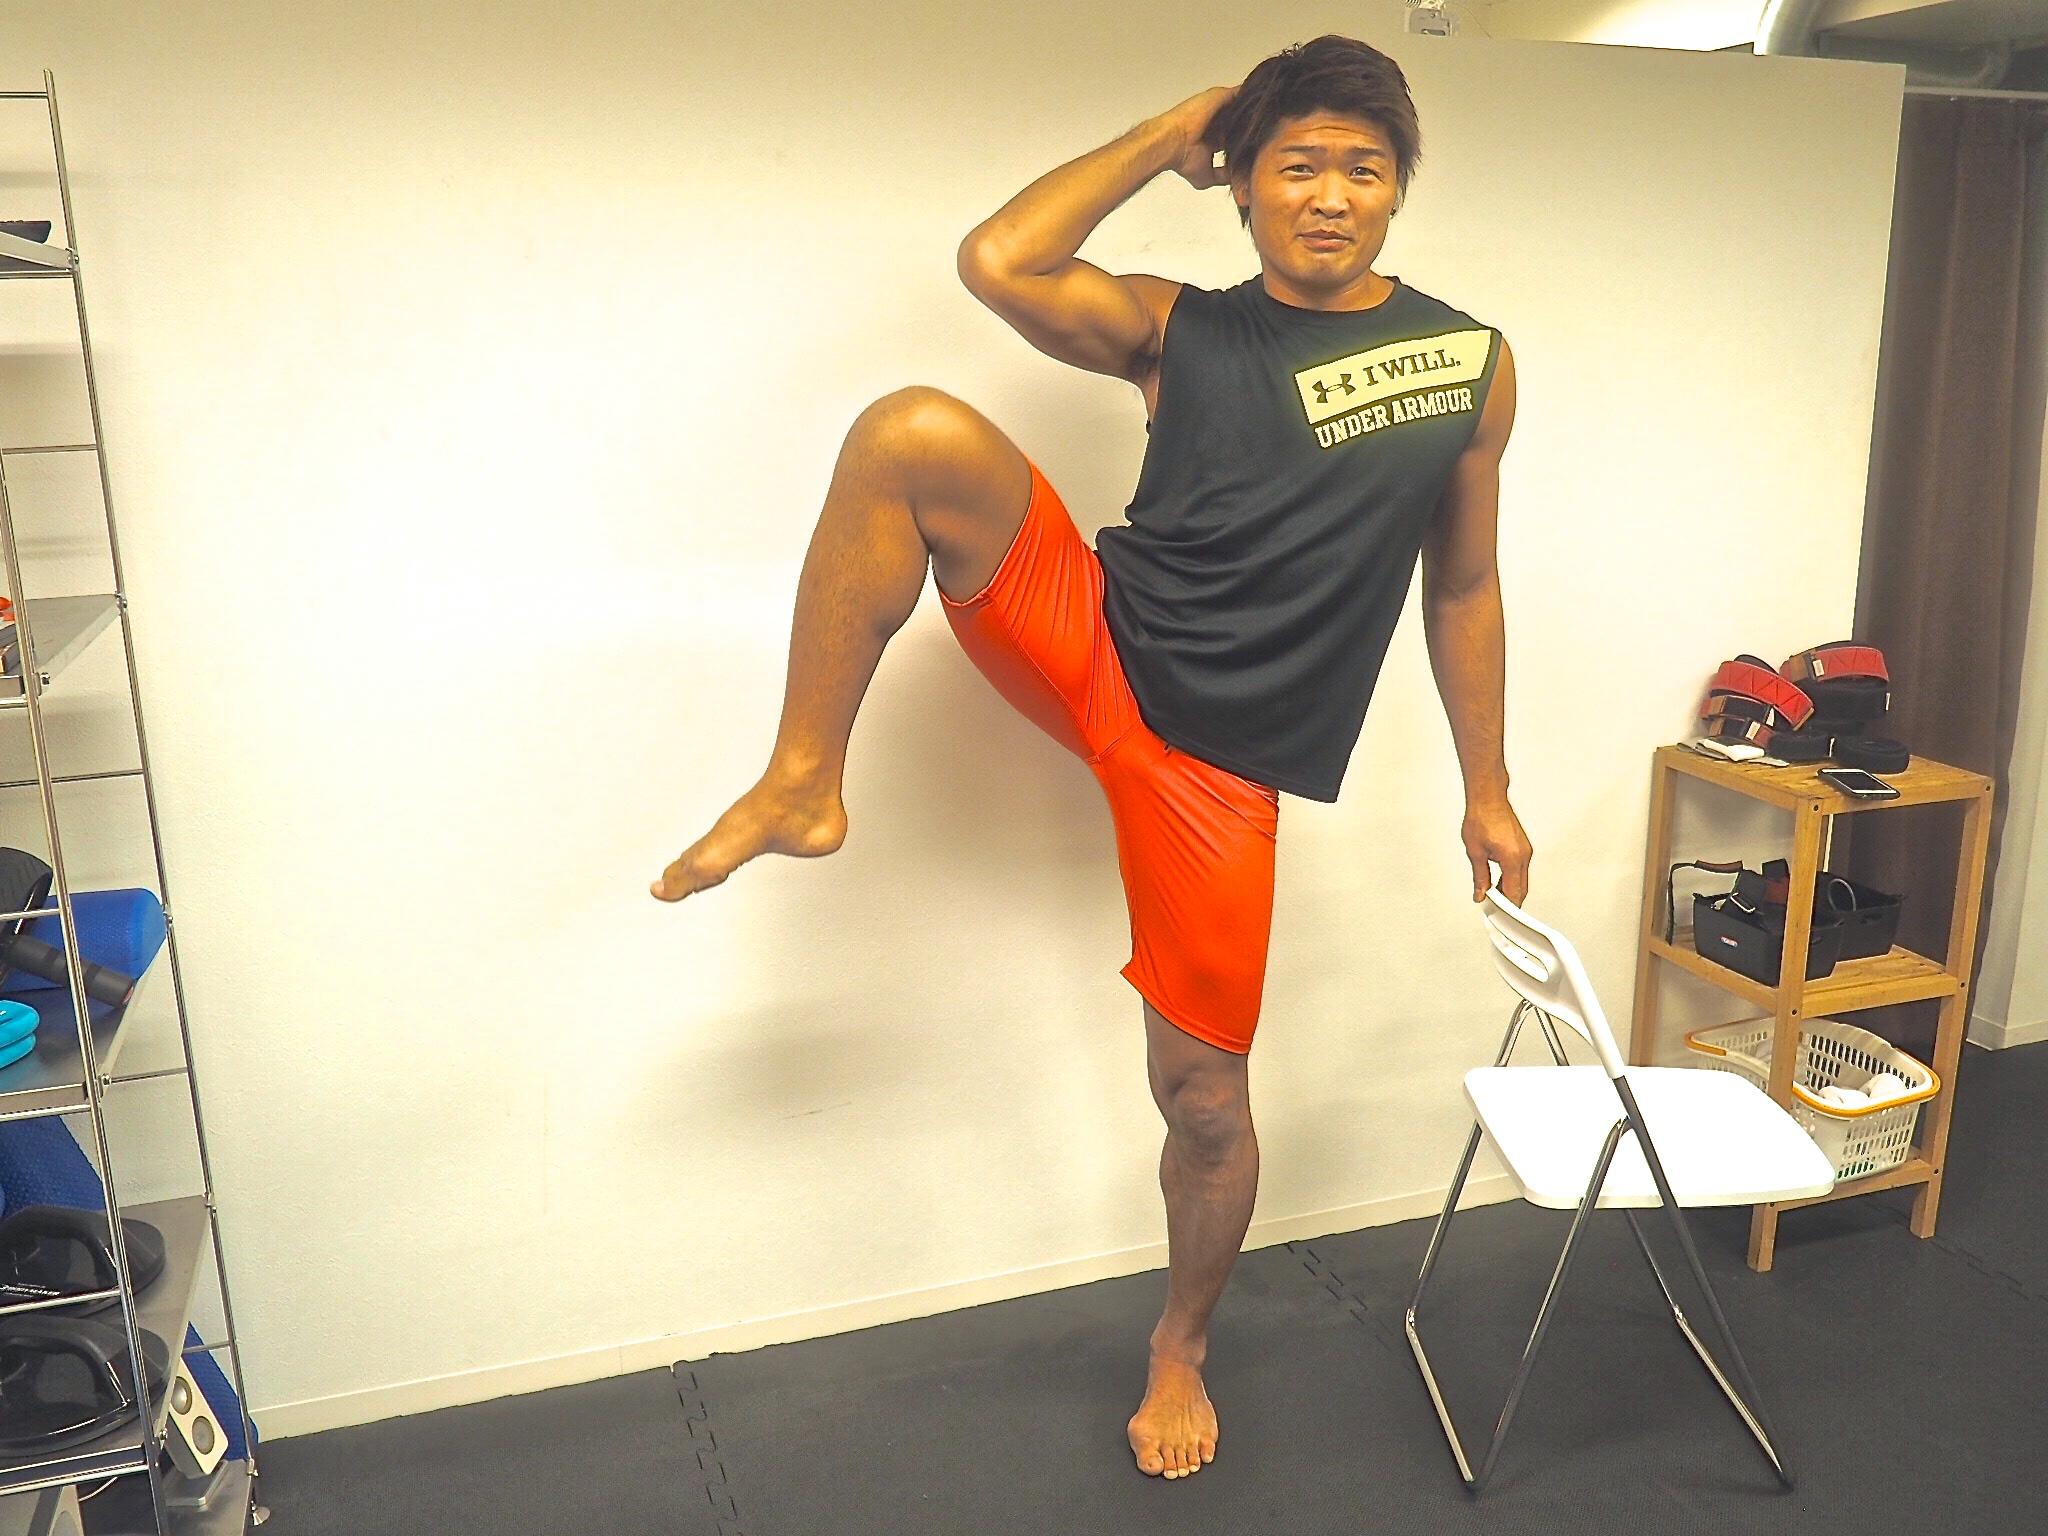 くびれを創るキックボクシング!!チャンピオン考案のキックボディメイクメソッド